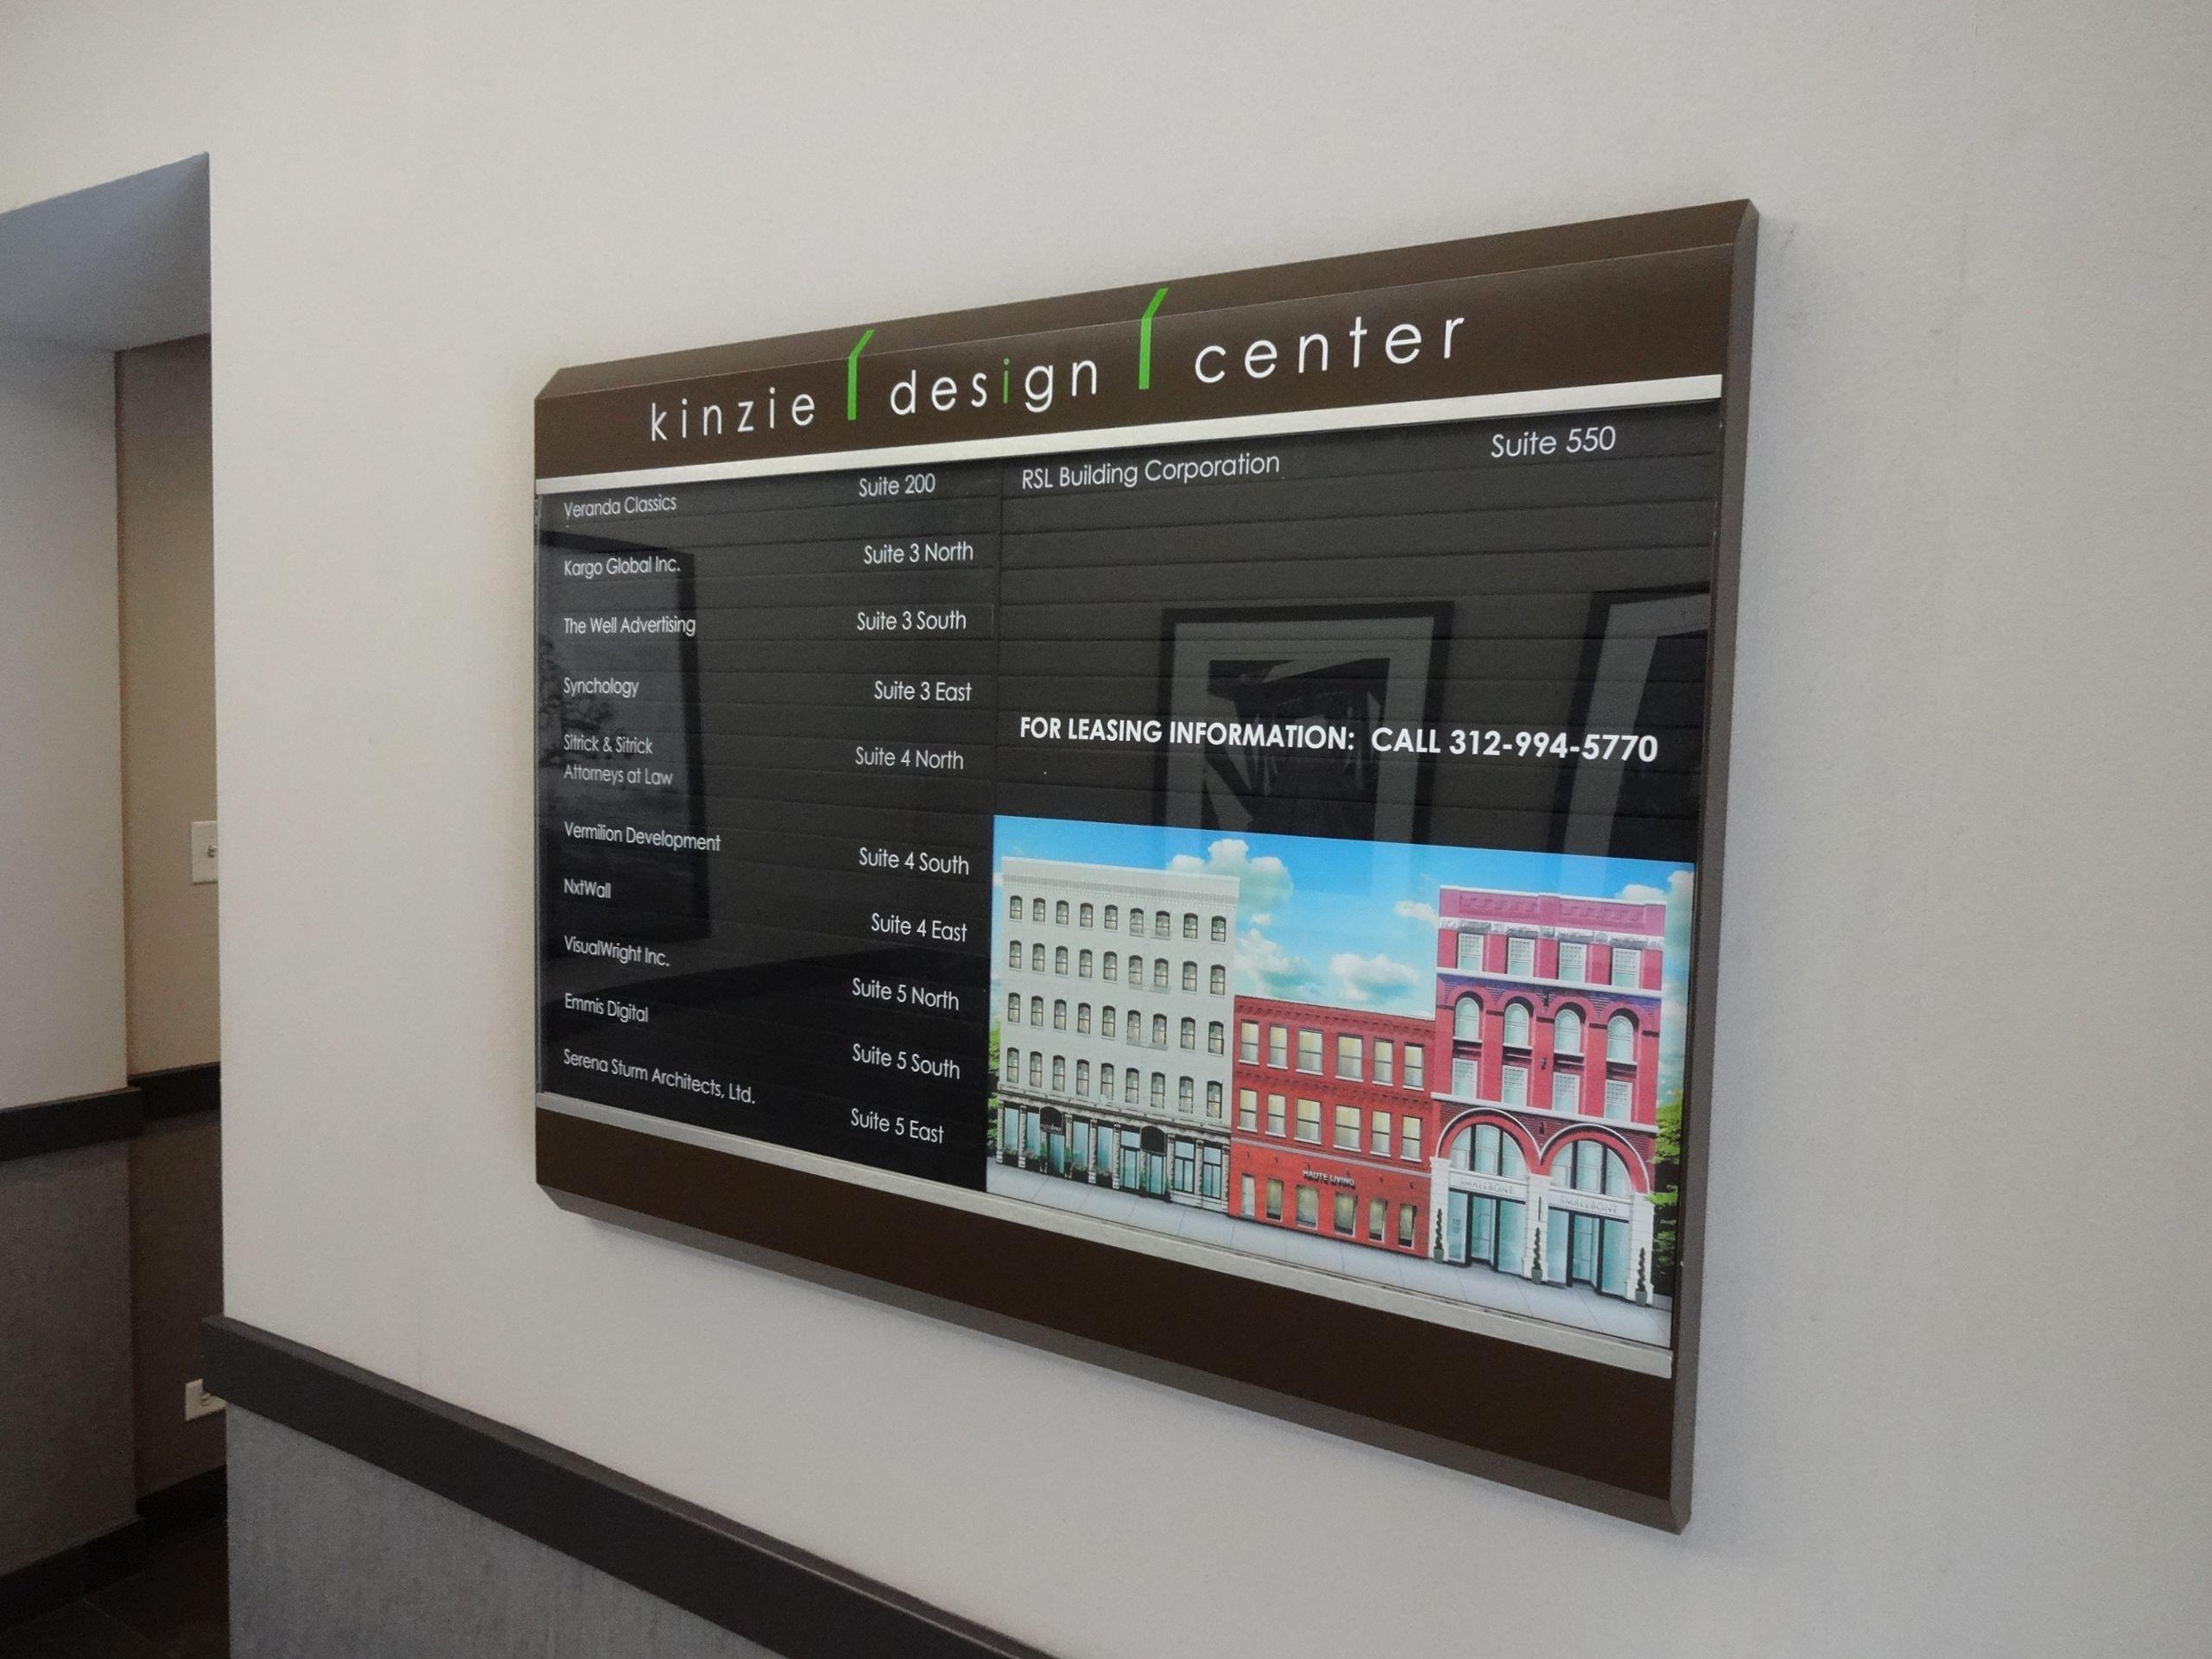 Kinzie Design Center Chicago IL